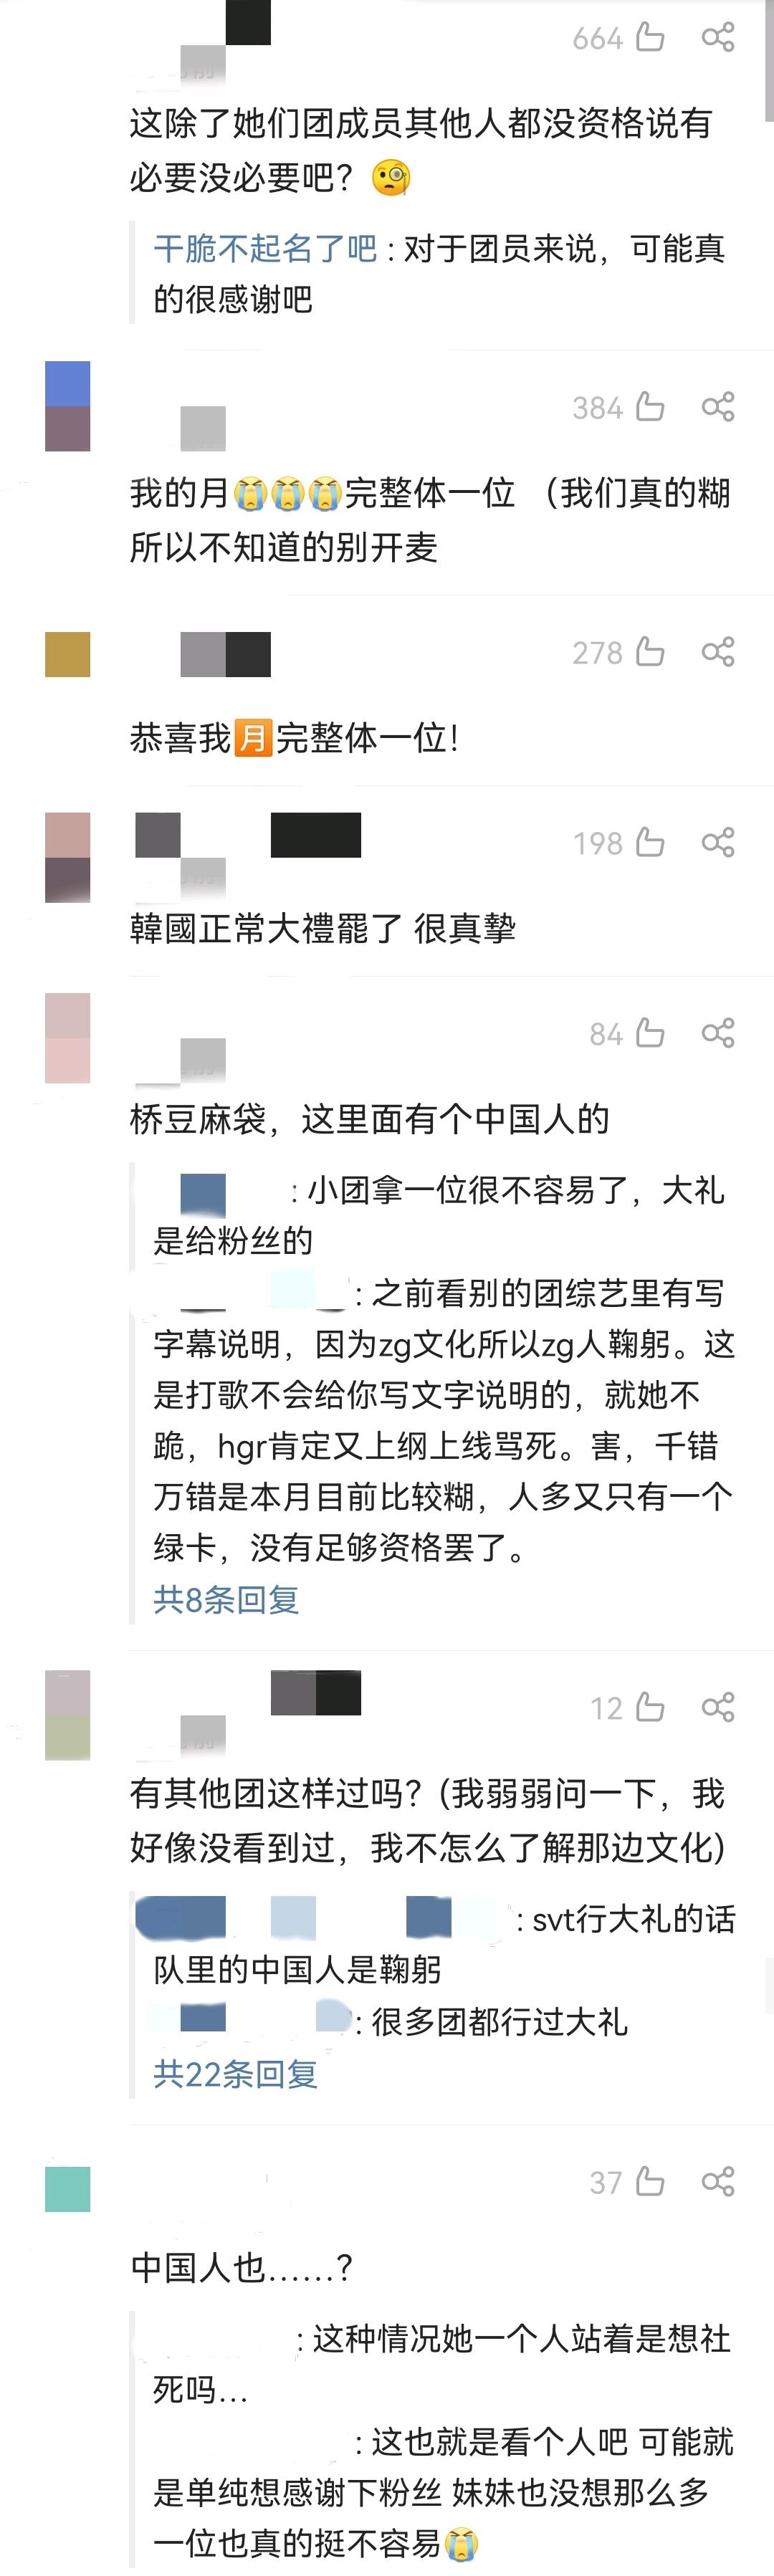 本月少女完整体荣获一位,中国成员也一起行大礼感谢粉丝合适吗